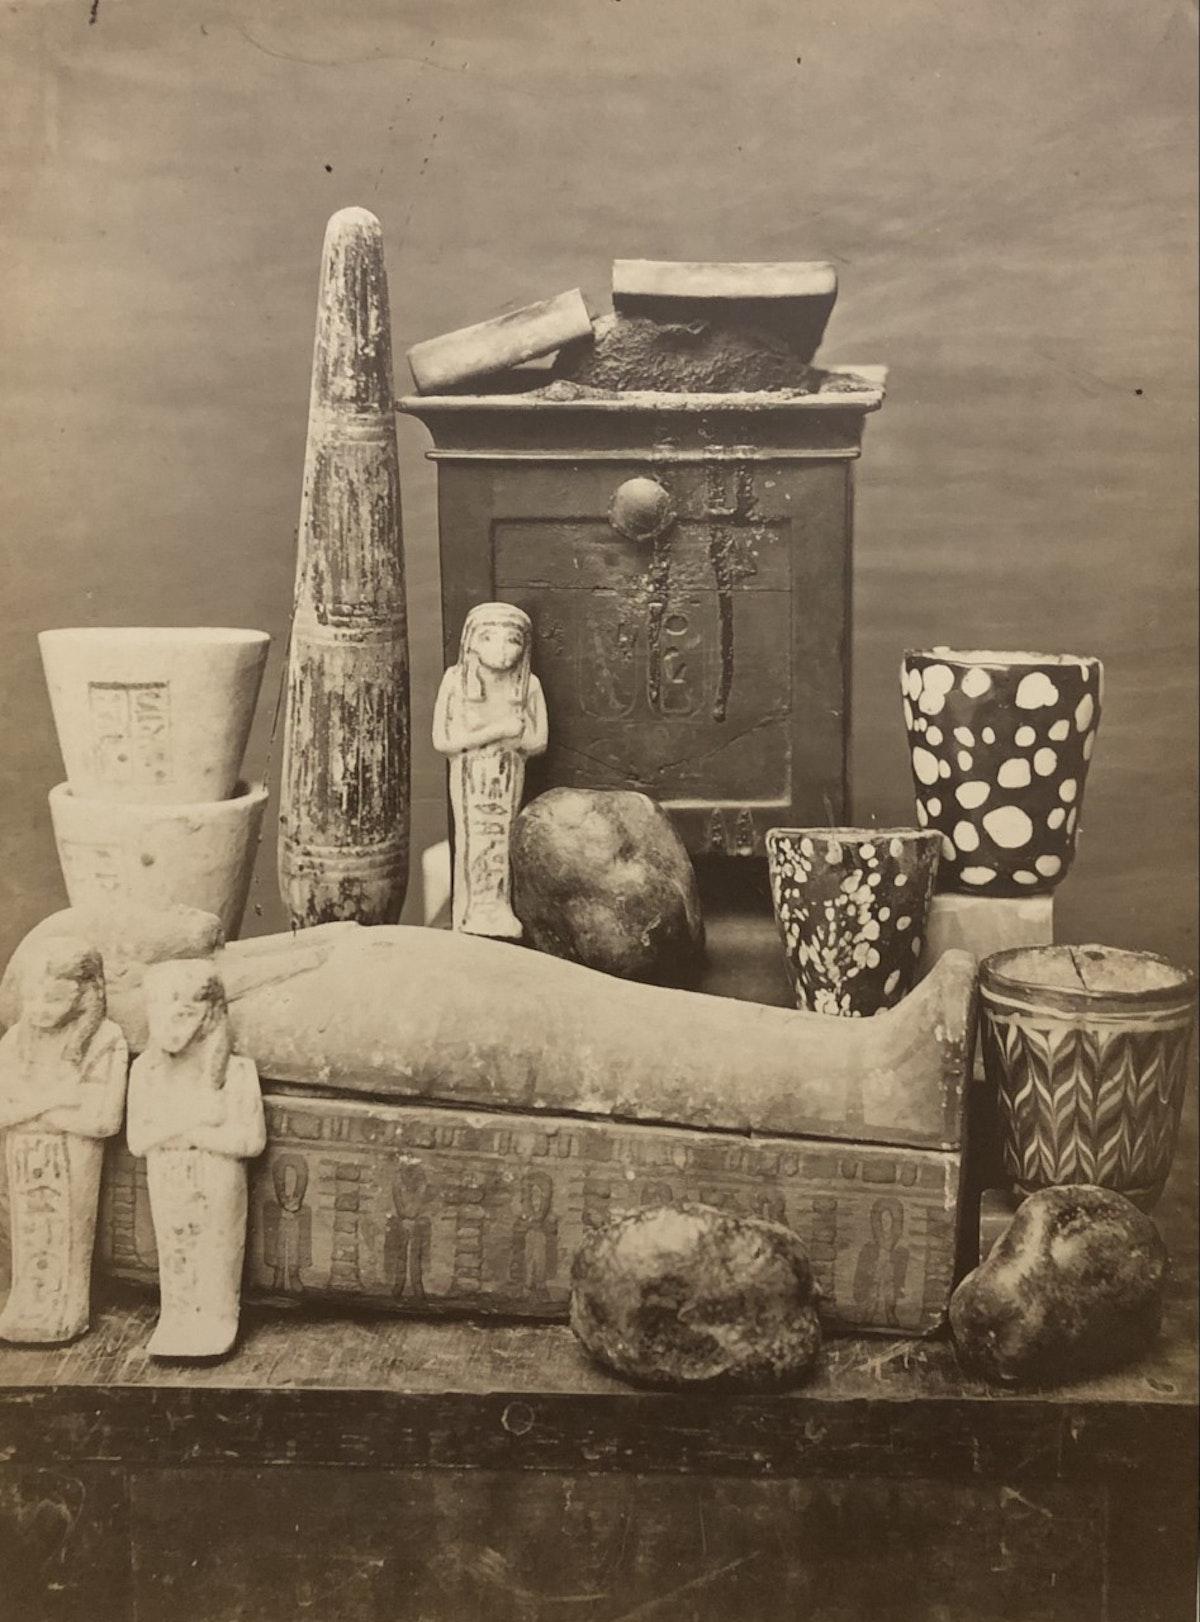 متعلقات إحدى المومياوات - تصوير الألماني إميل بروجش عام 1881